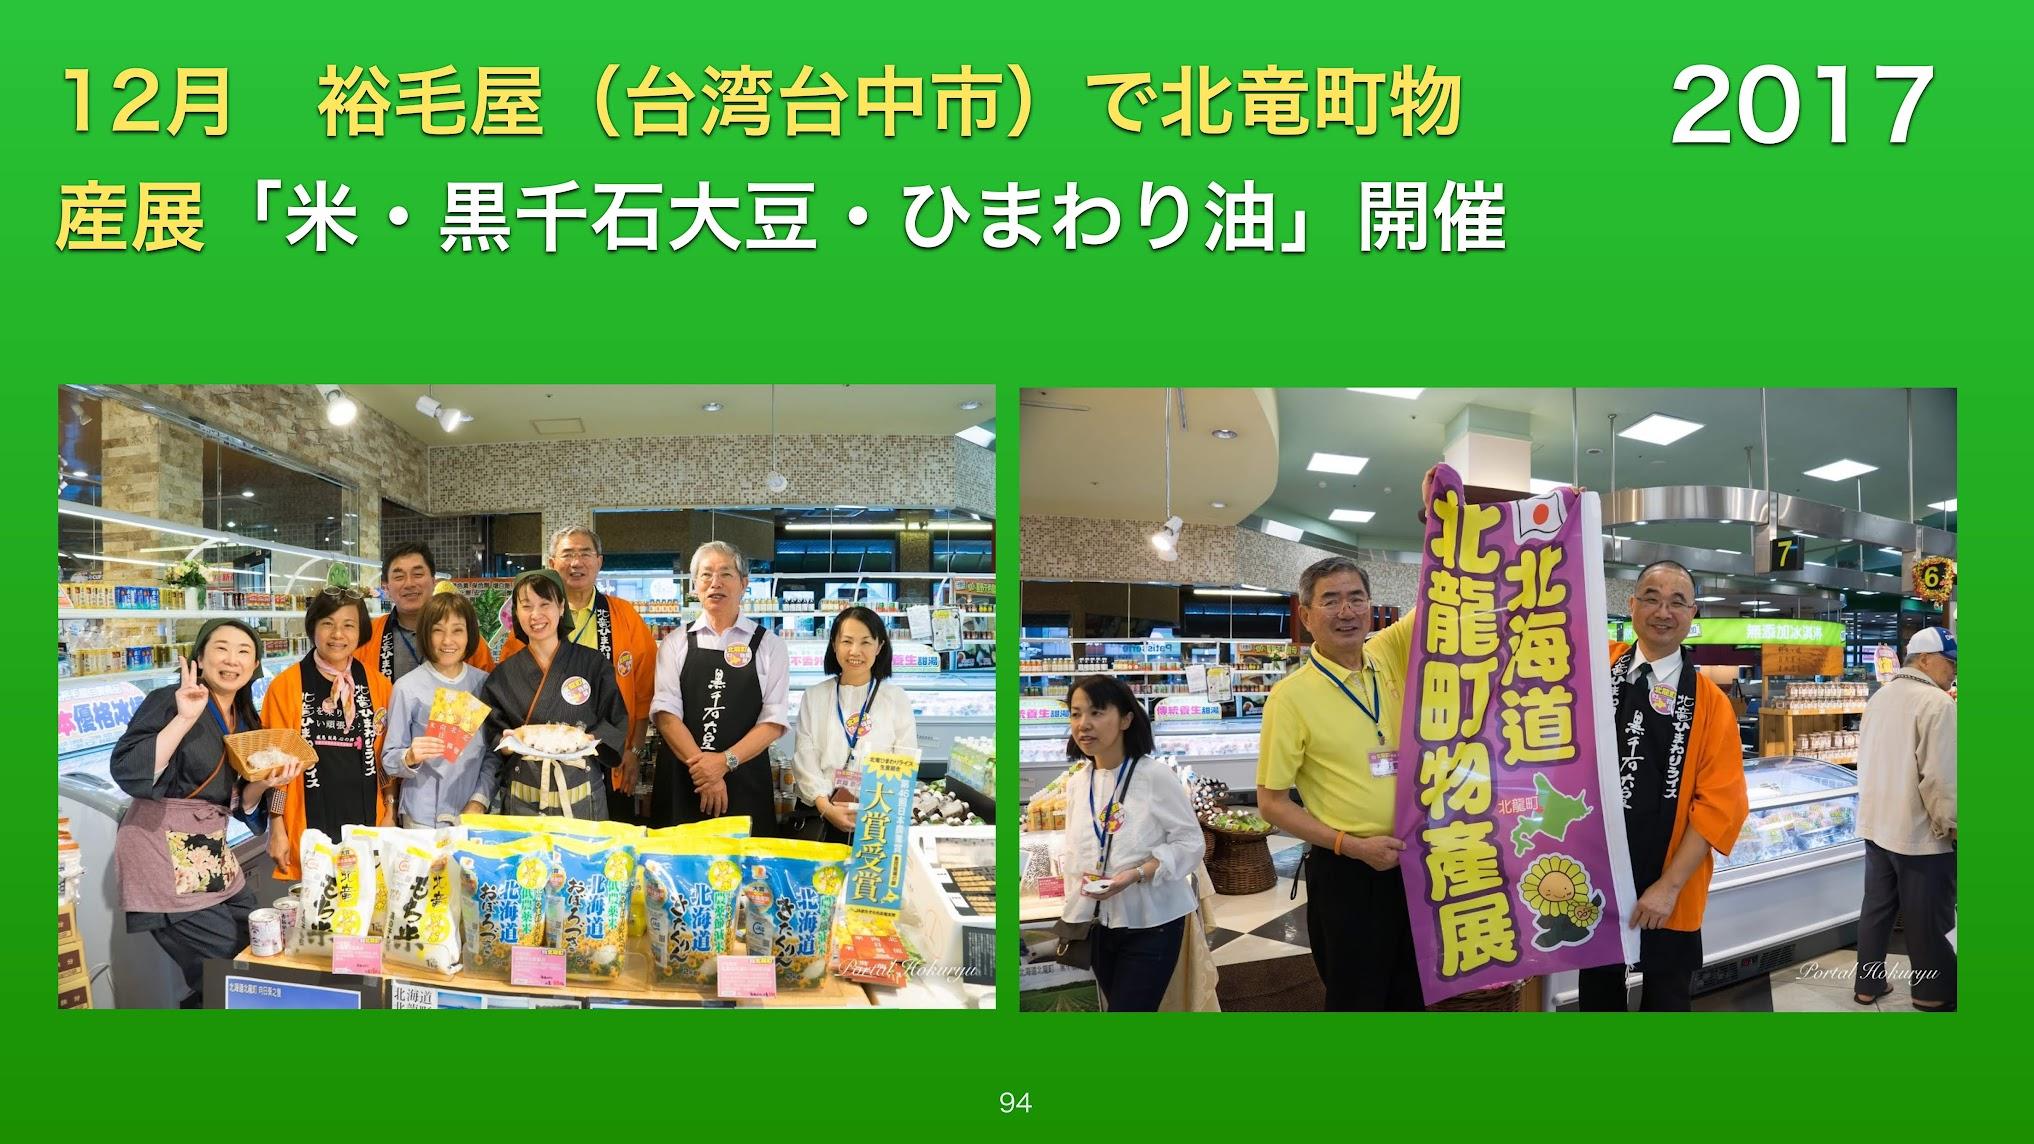 12月:裕毛屋(台湾台中市)で北竜町物産展 「米・黒千石大豆・ひまわり油」開催